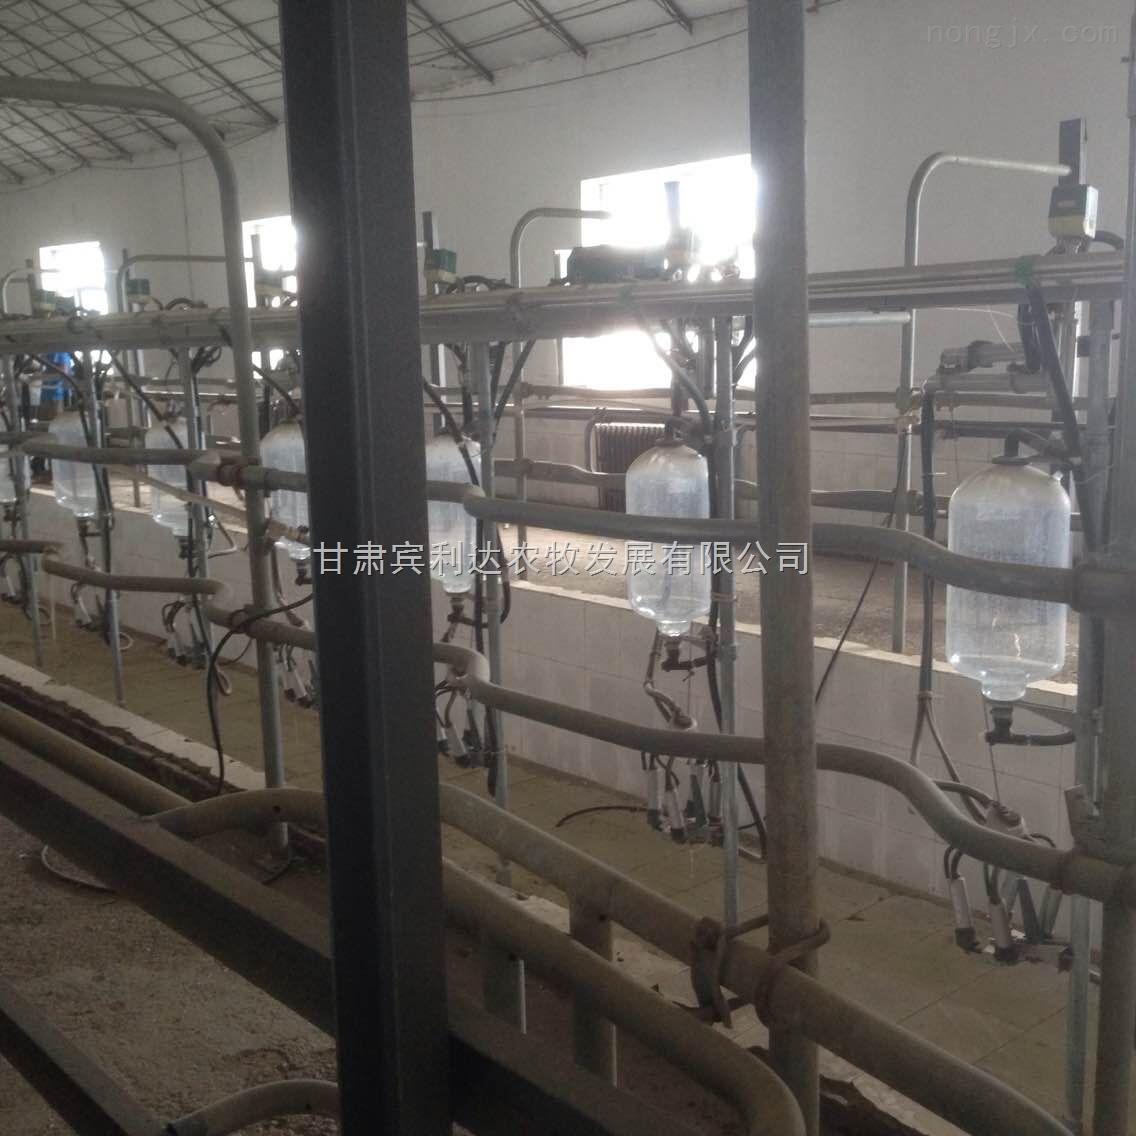 甘肃张掖鱼骨式挤奶机甘肃宾利达厂家直销